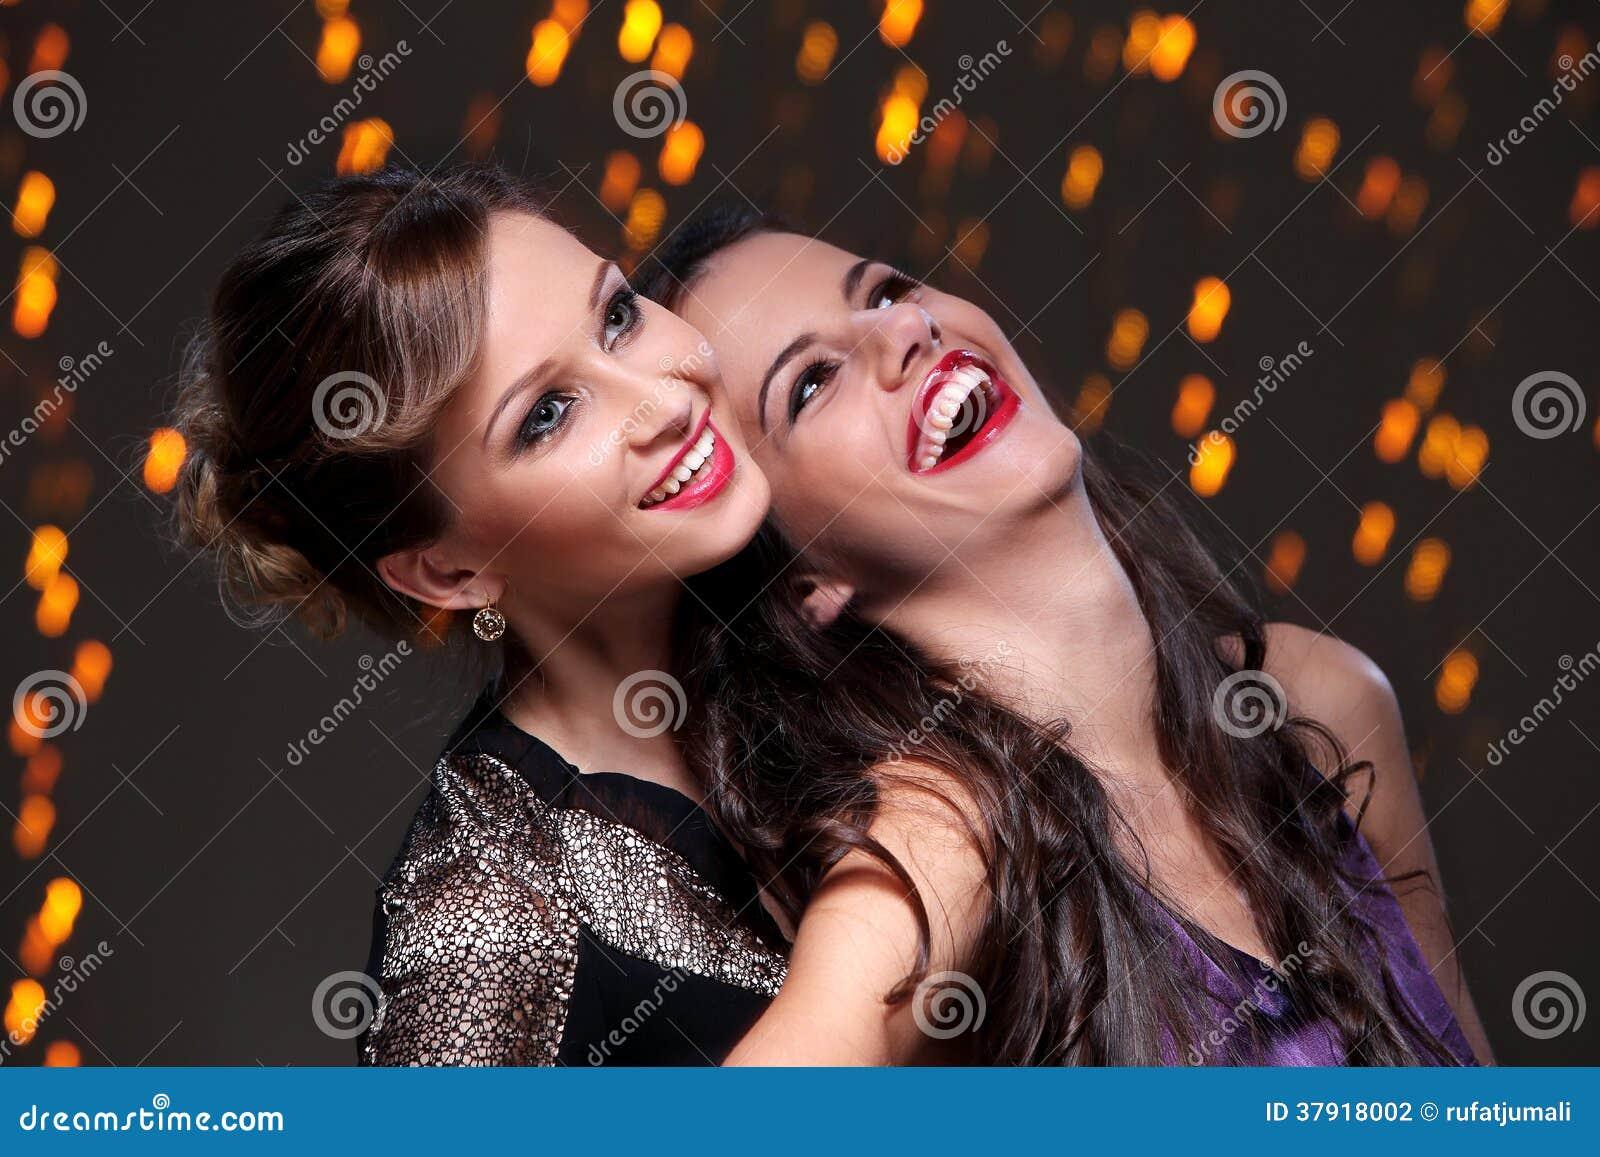 Meet lesbian friends